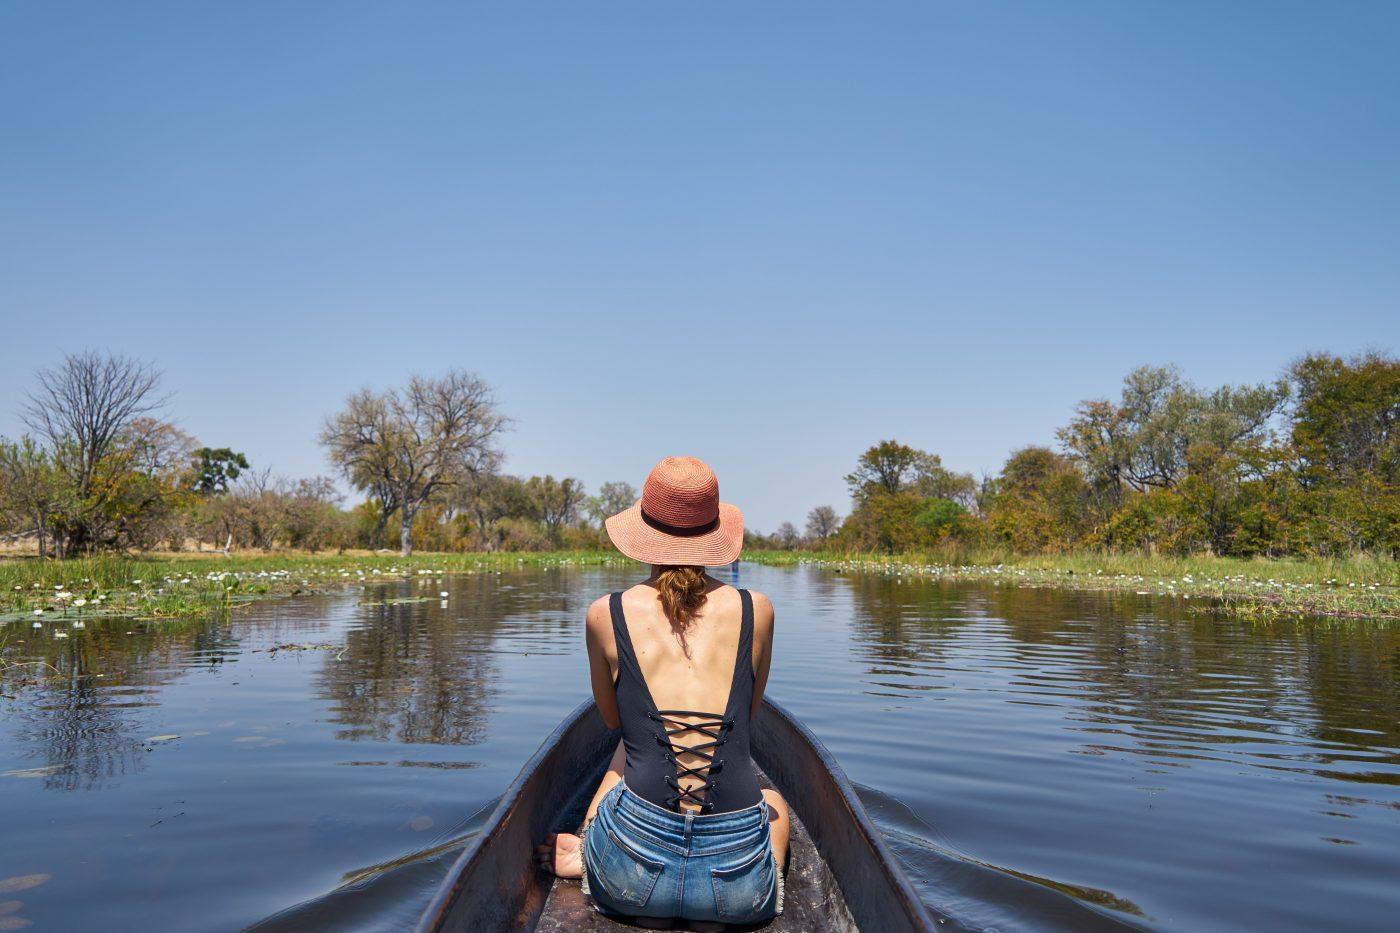 Minimalism: Over Okavango Glass